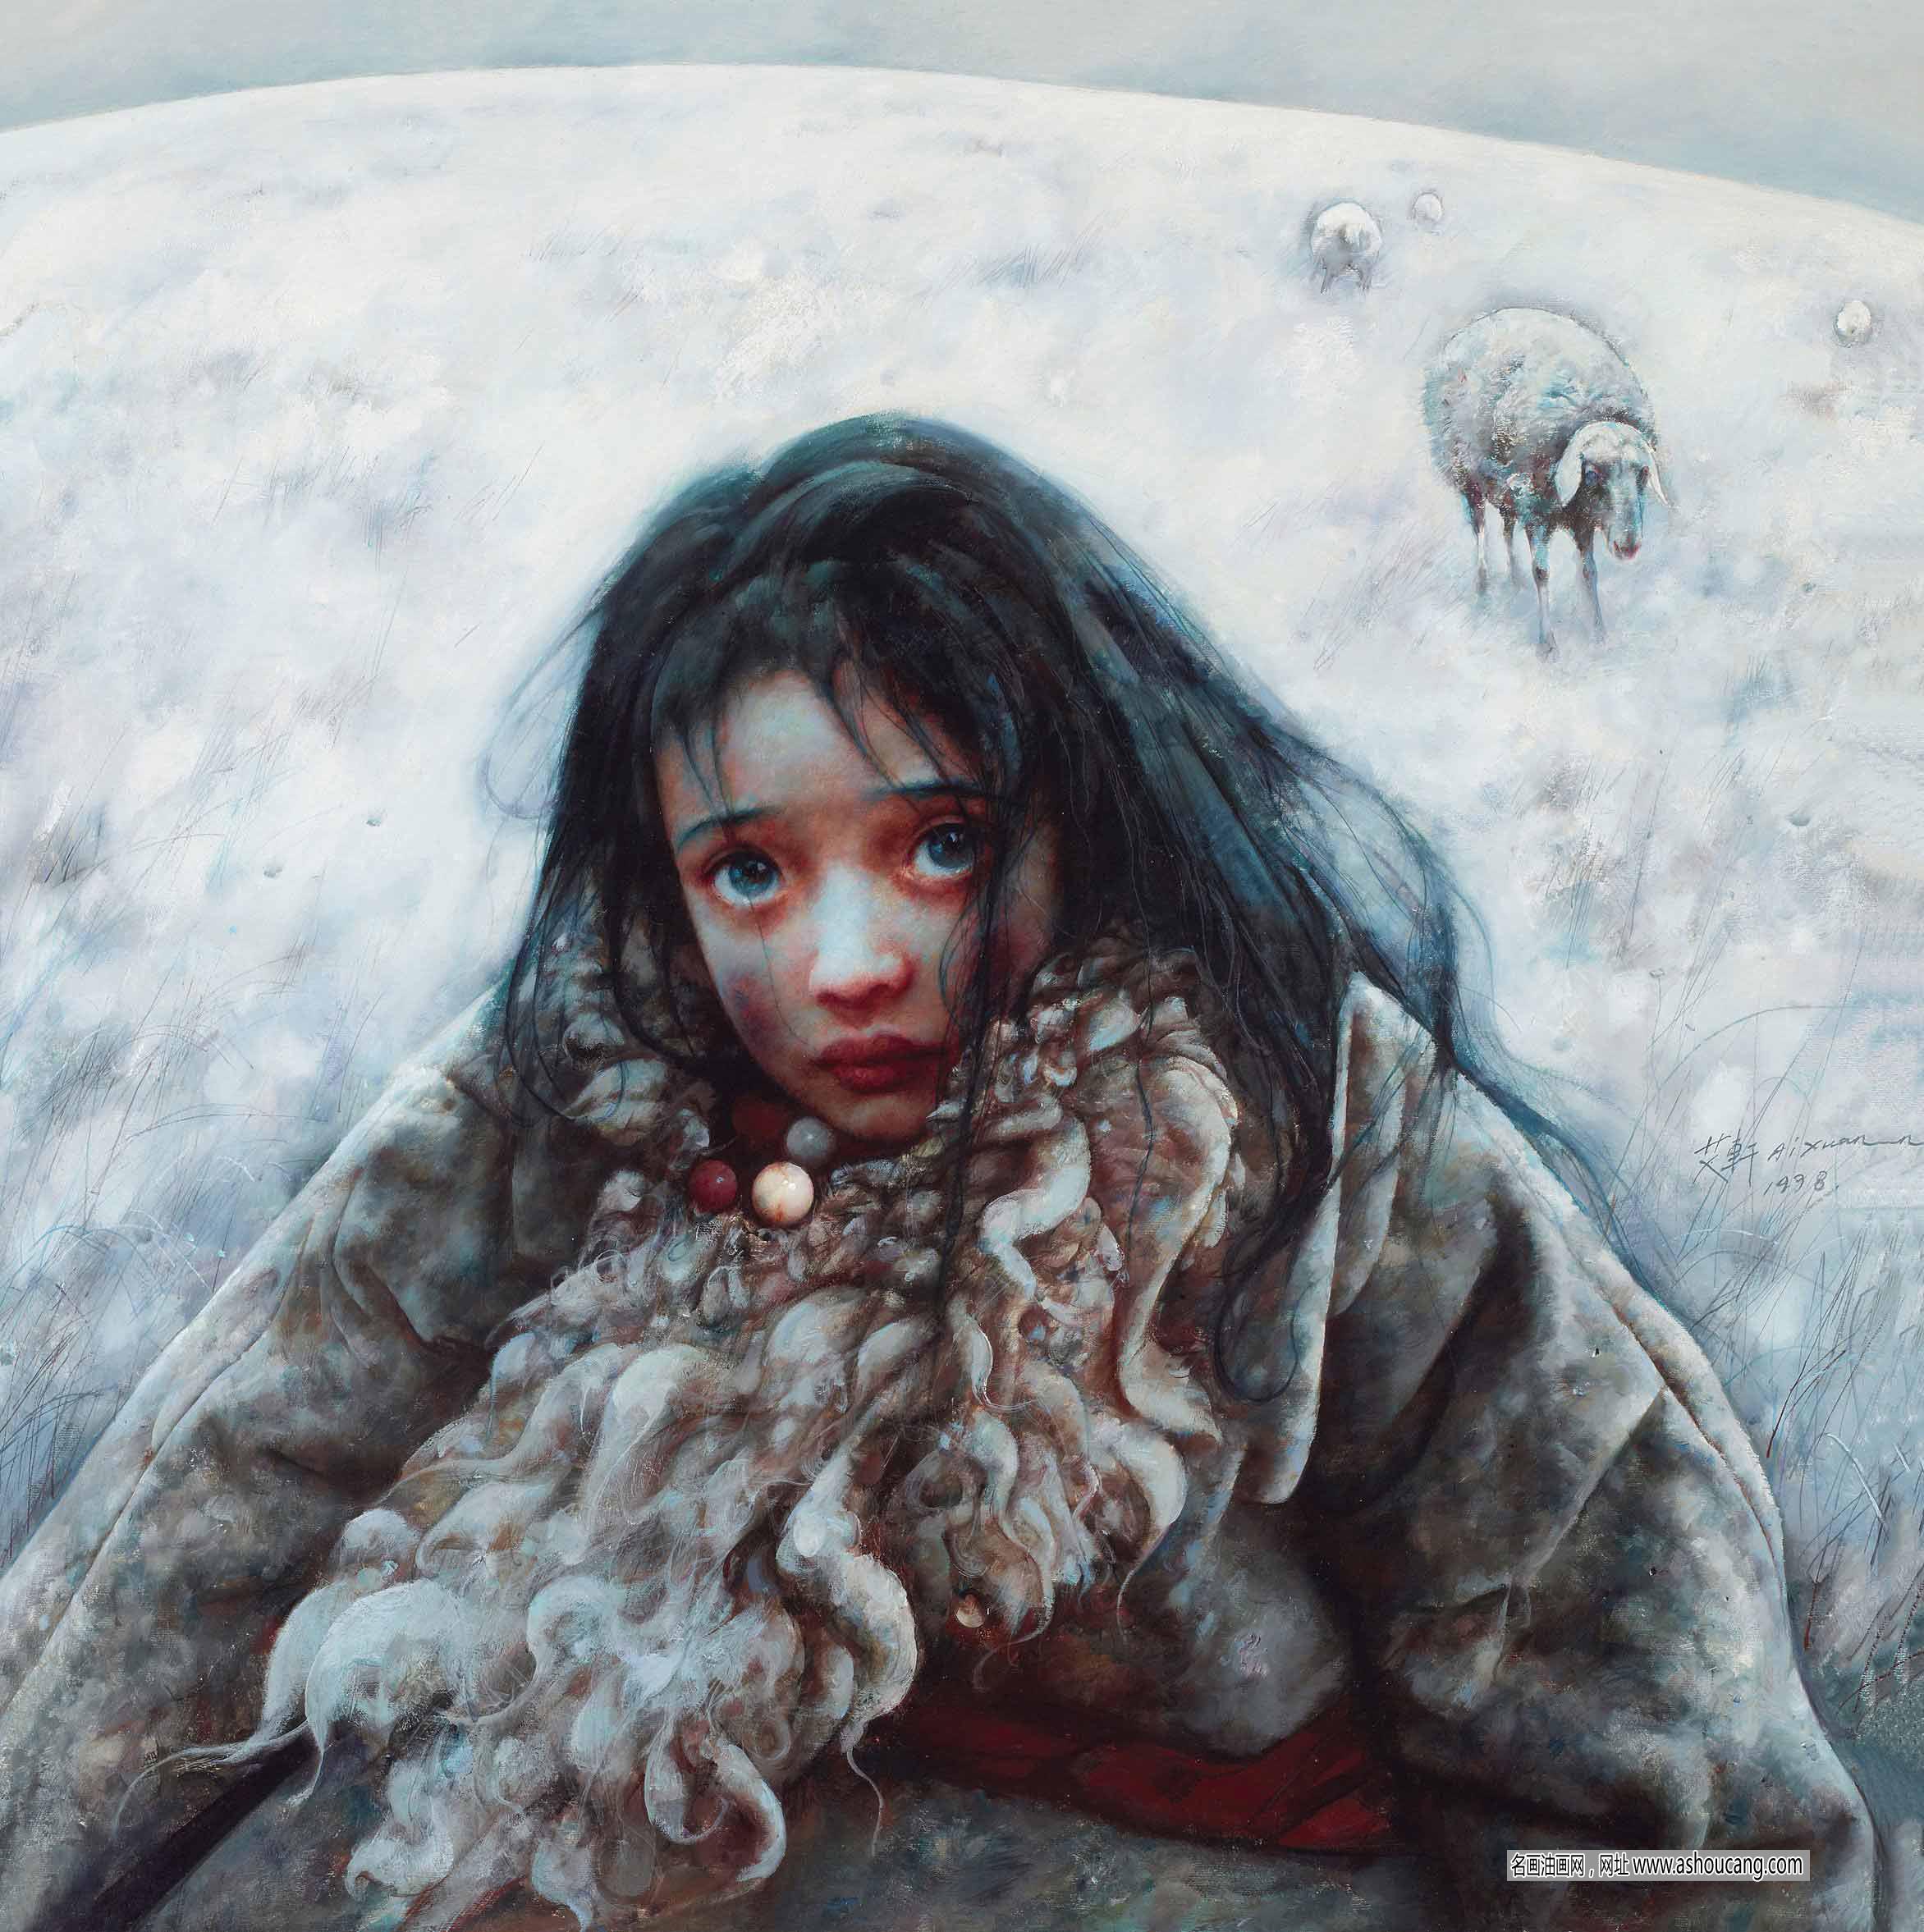 艾轩油画人物作品《藏族小姑娘》欣赏 高清大图